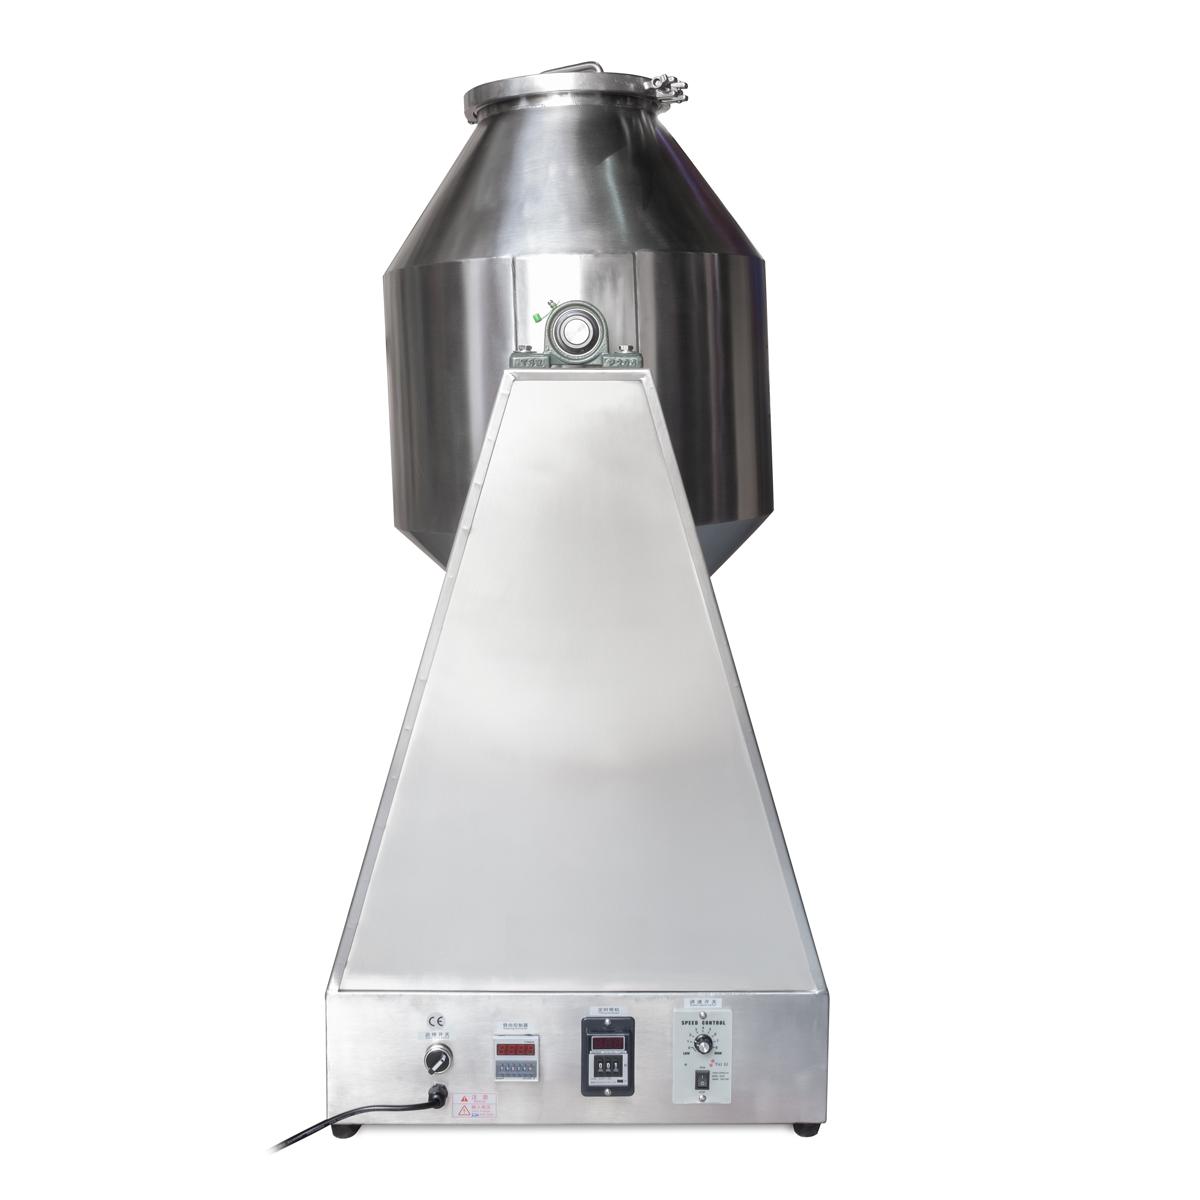 Priemyselný / potravinársky zmiešavač suchých sypkých látok a materiálov do hmotnosti 25 kg.